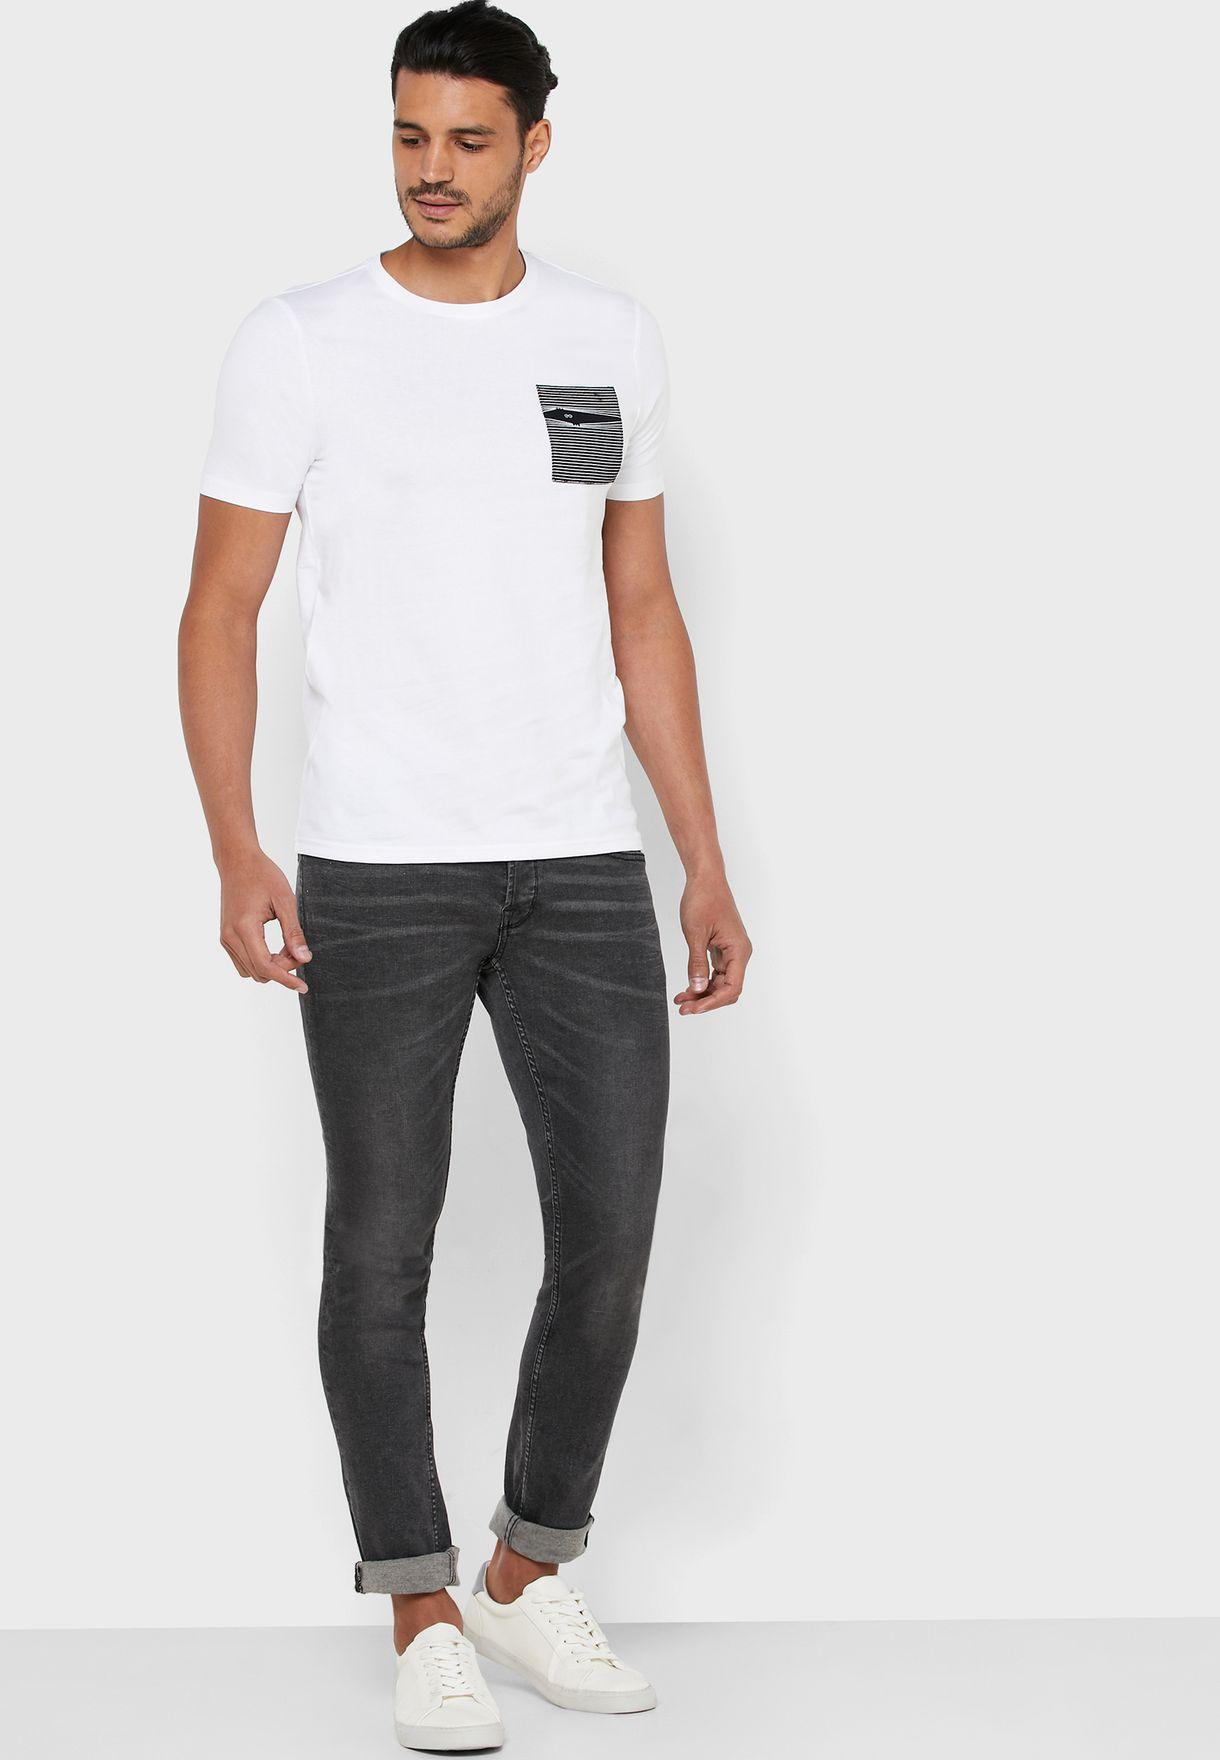 Aaren Fitted Crew Neck T-Shirt